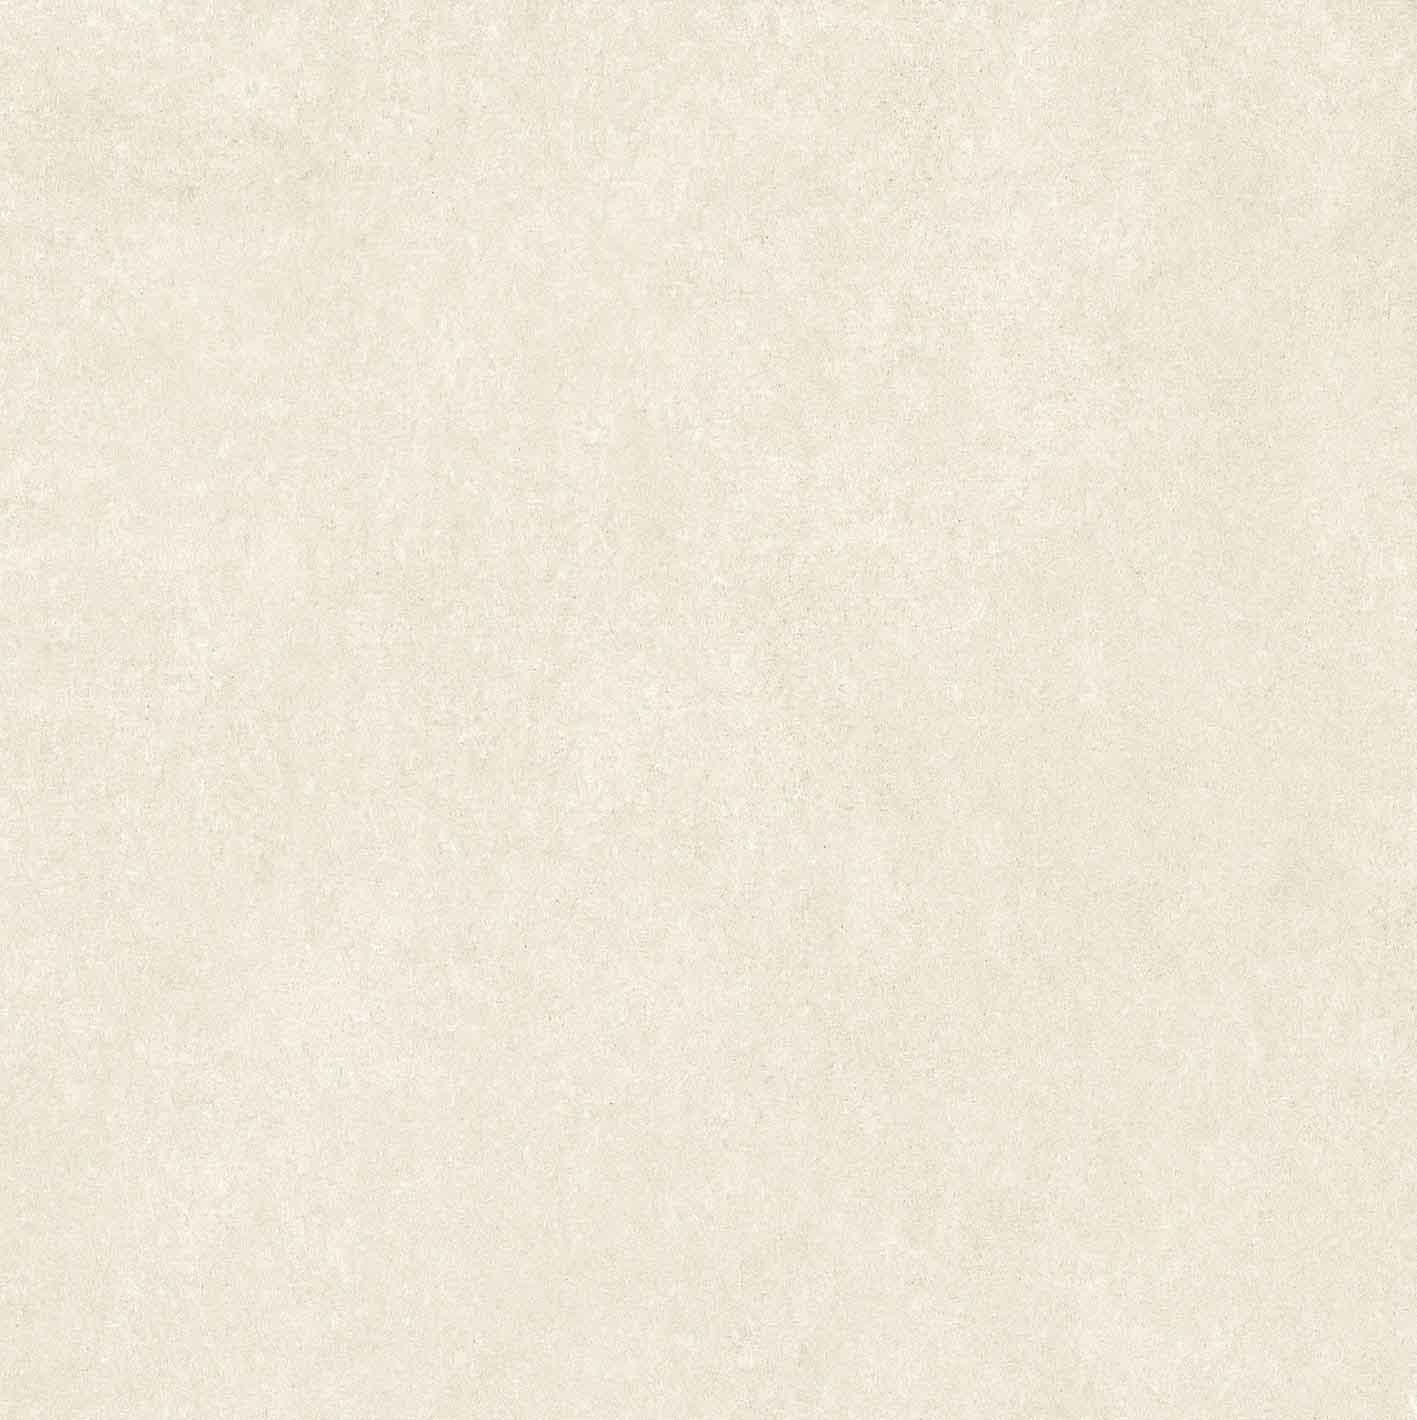 Elemental Stone Cream Sandstone Matte 10mm 120 x 120